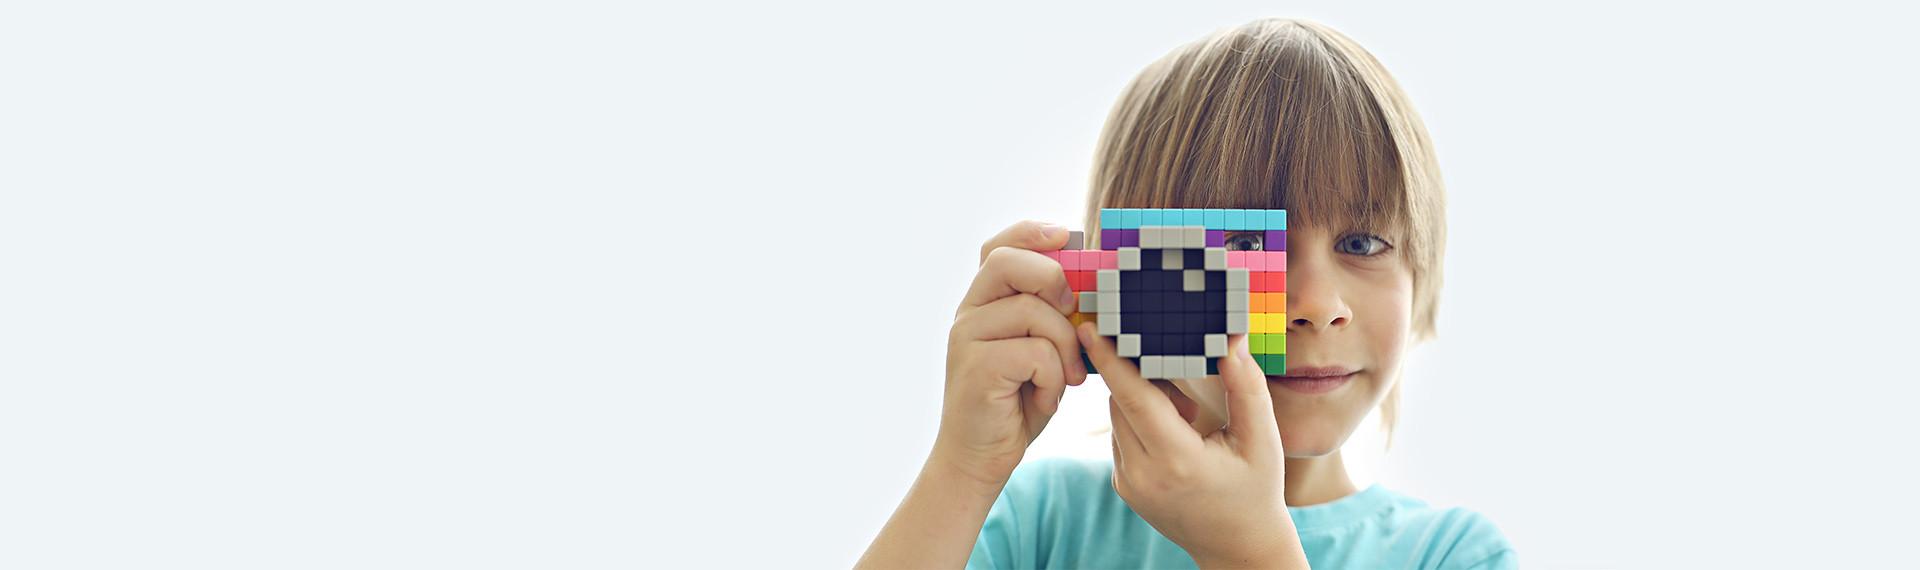 Magnetspielzeug der neusten Generation